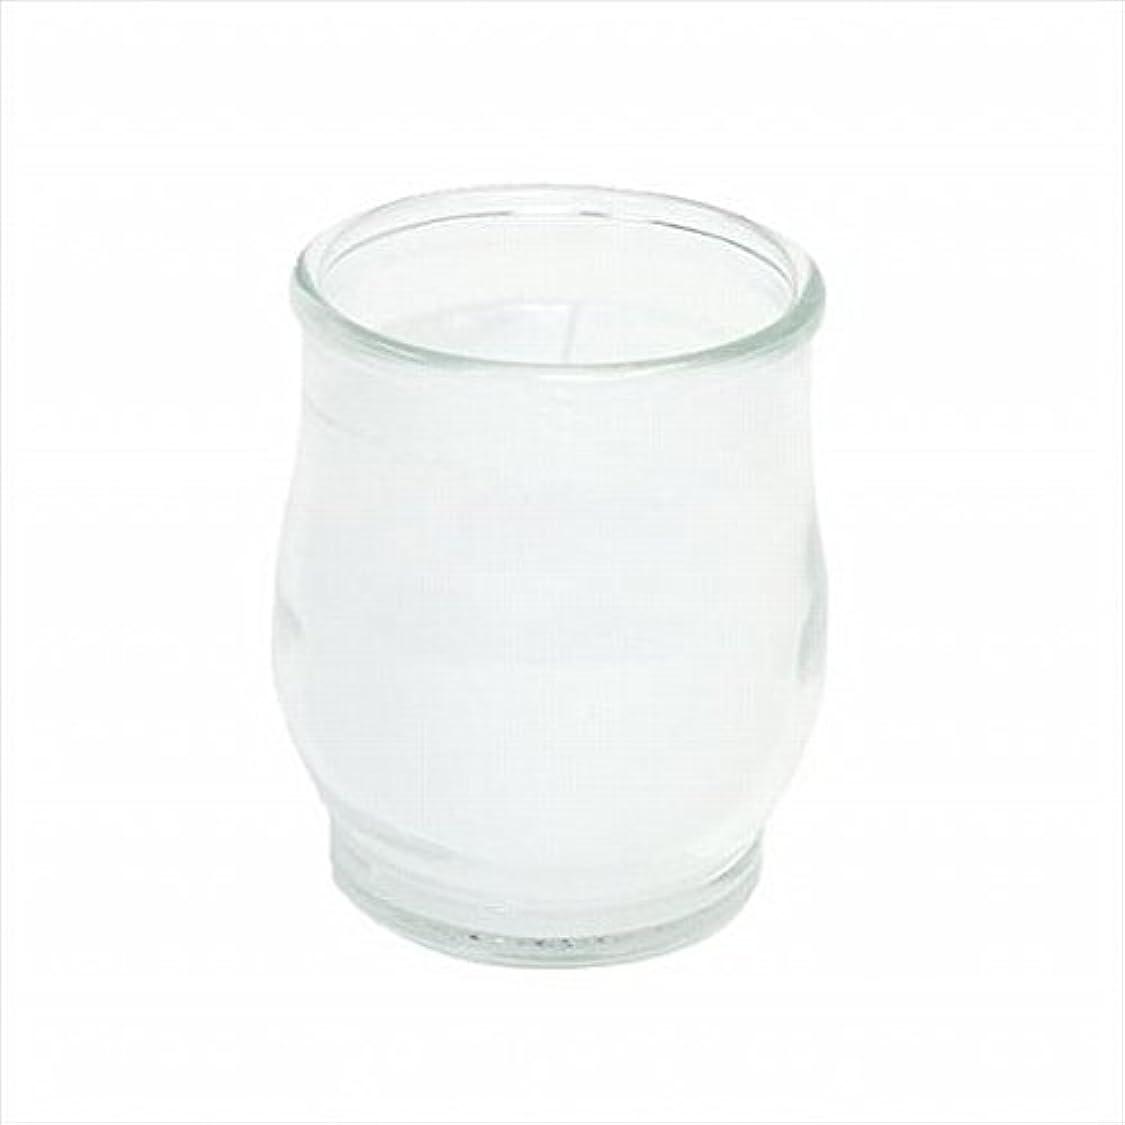 ペナルティ全員ステンレスkameyama candle(カメヤマキャンドル) ポシェ(非常用コップローソク) 「 クリア 」 キャンドル 68x68x80mm (73020000C)